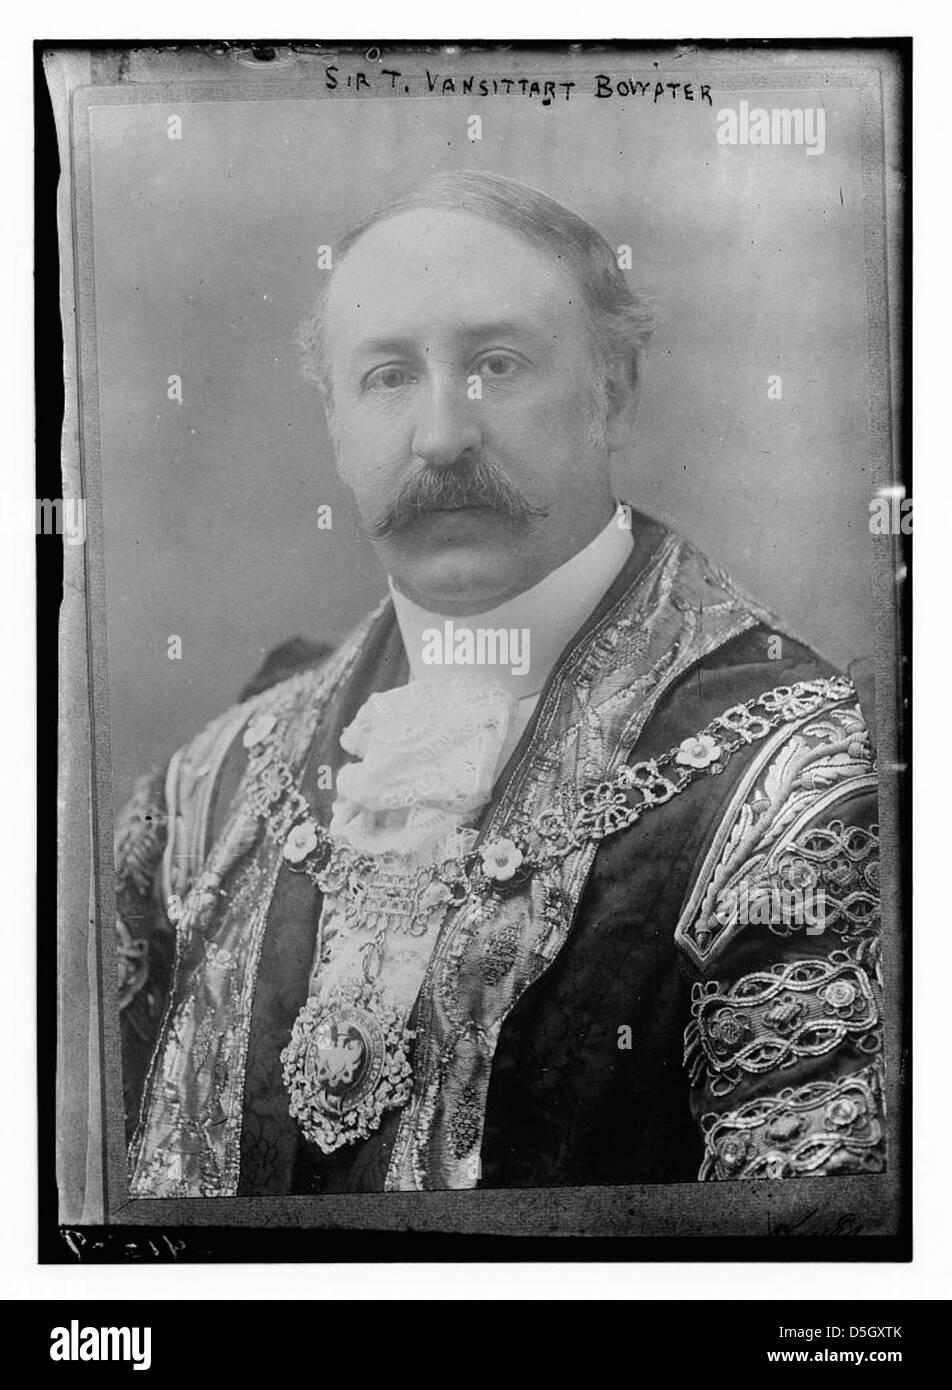 Sir T. Vansittart Bowater (LOC) - Stock Image